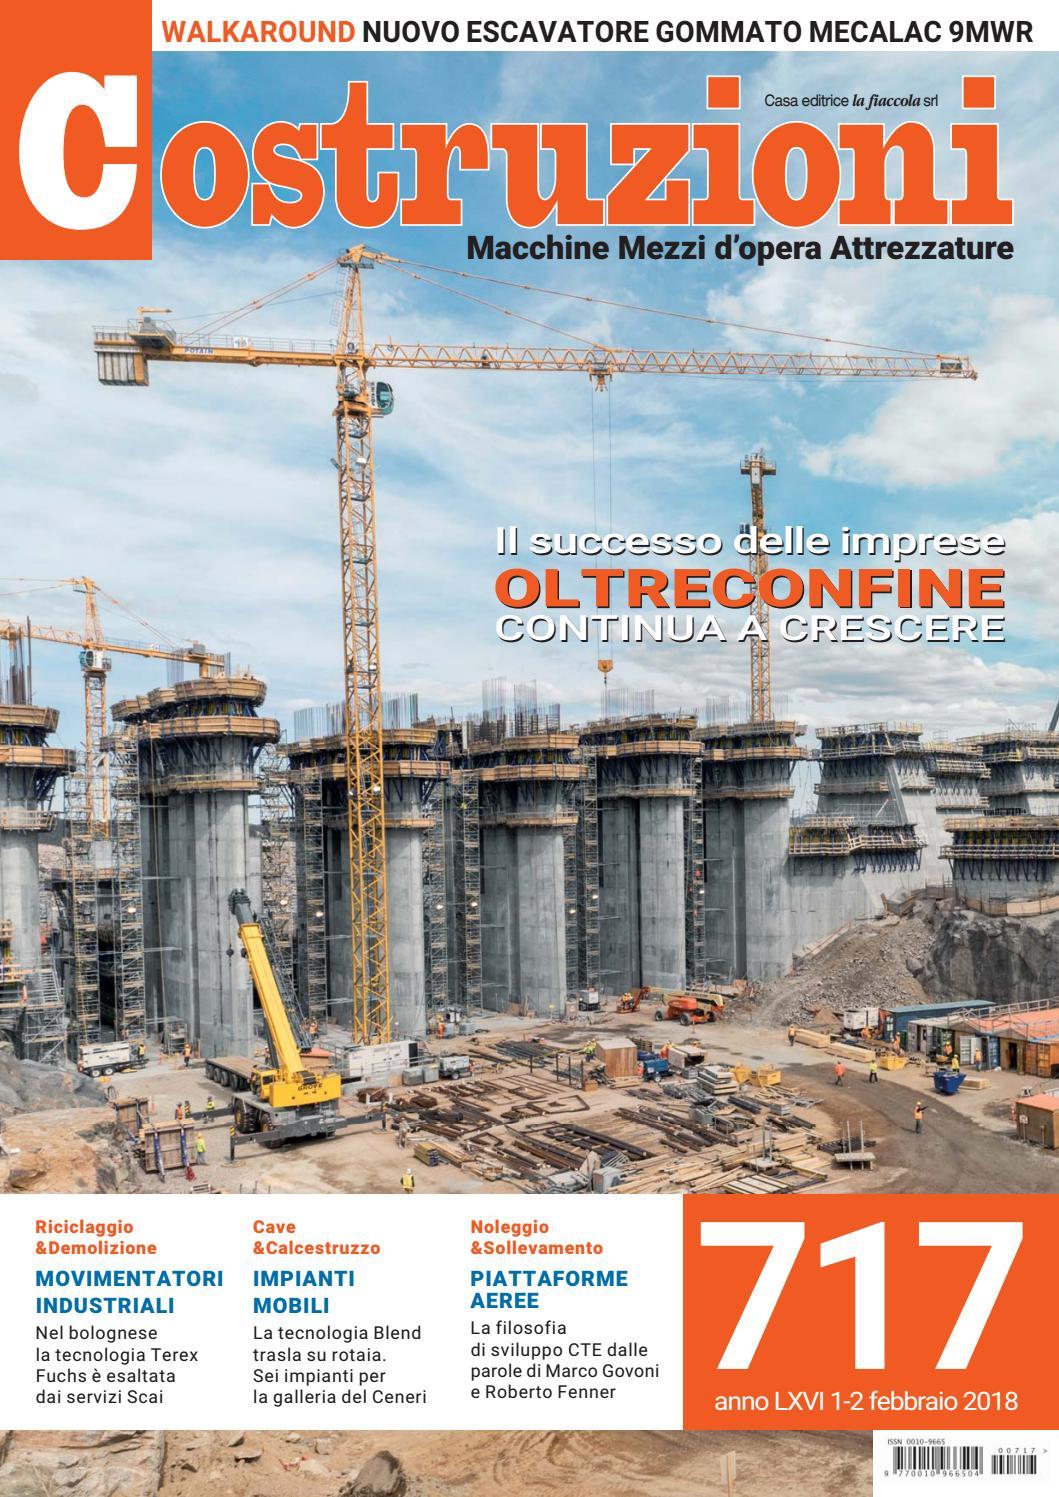 Costruzioni 717 1-2 febbraio 2018 by Casa Editrice la fiaccola srl - issuu 3961a31c1fa